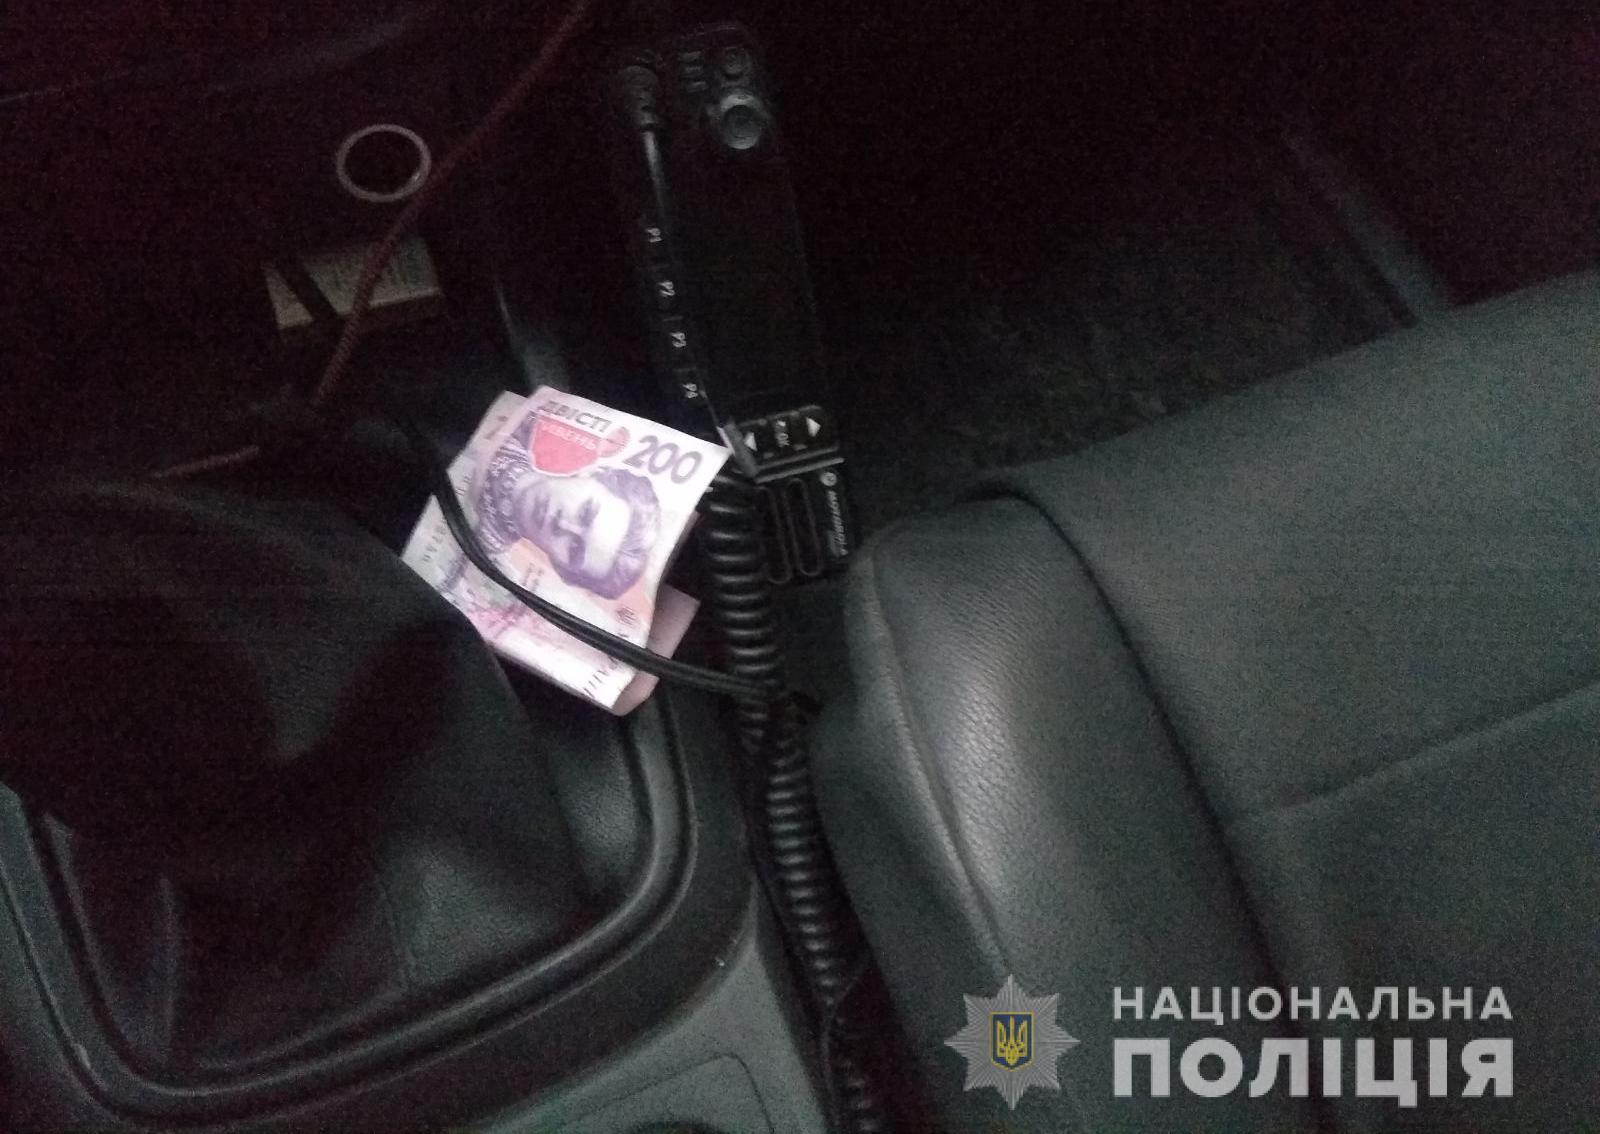 Рівнянина можуть посадити через 400 гривень для волинських поліцейських